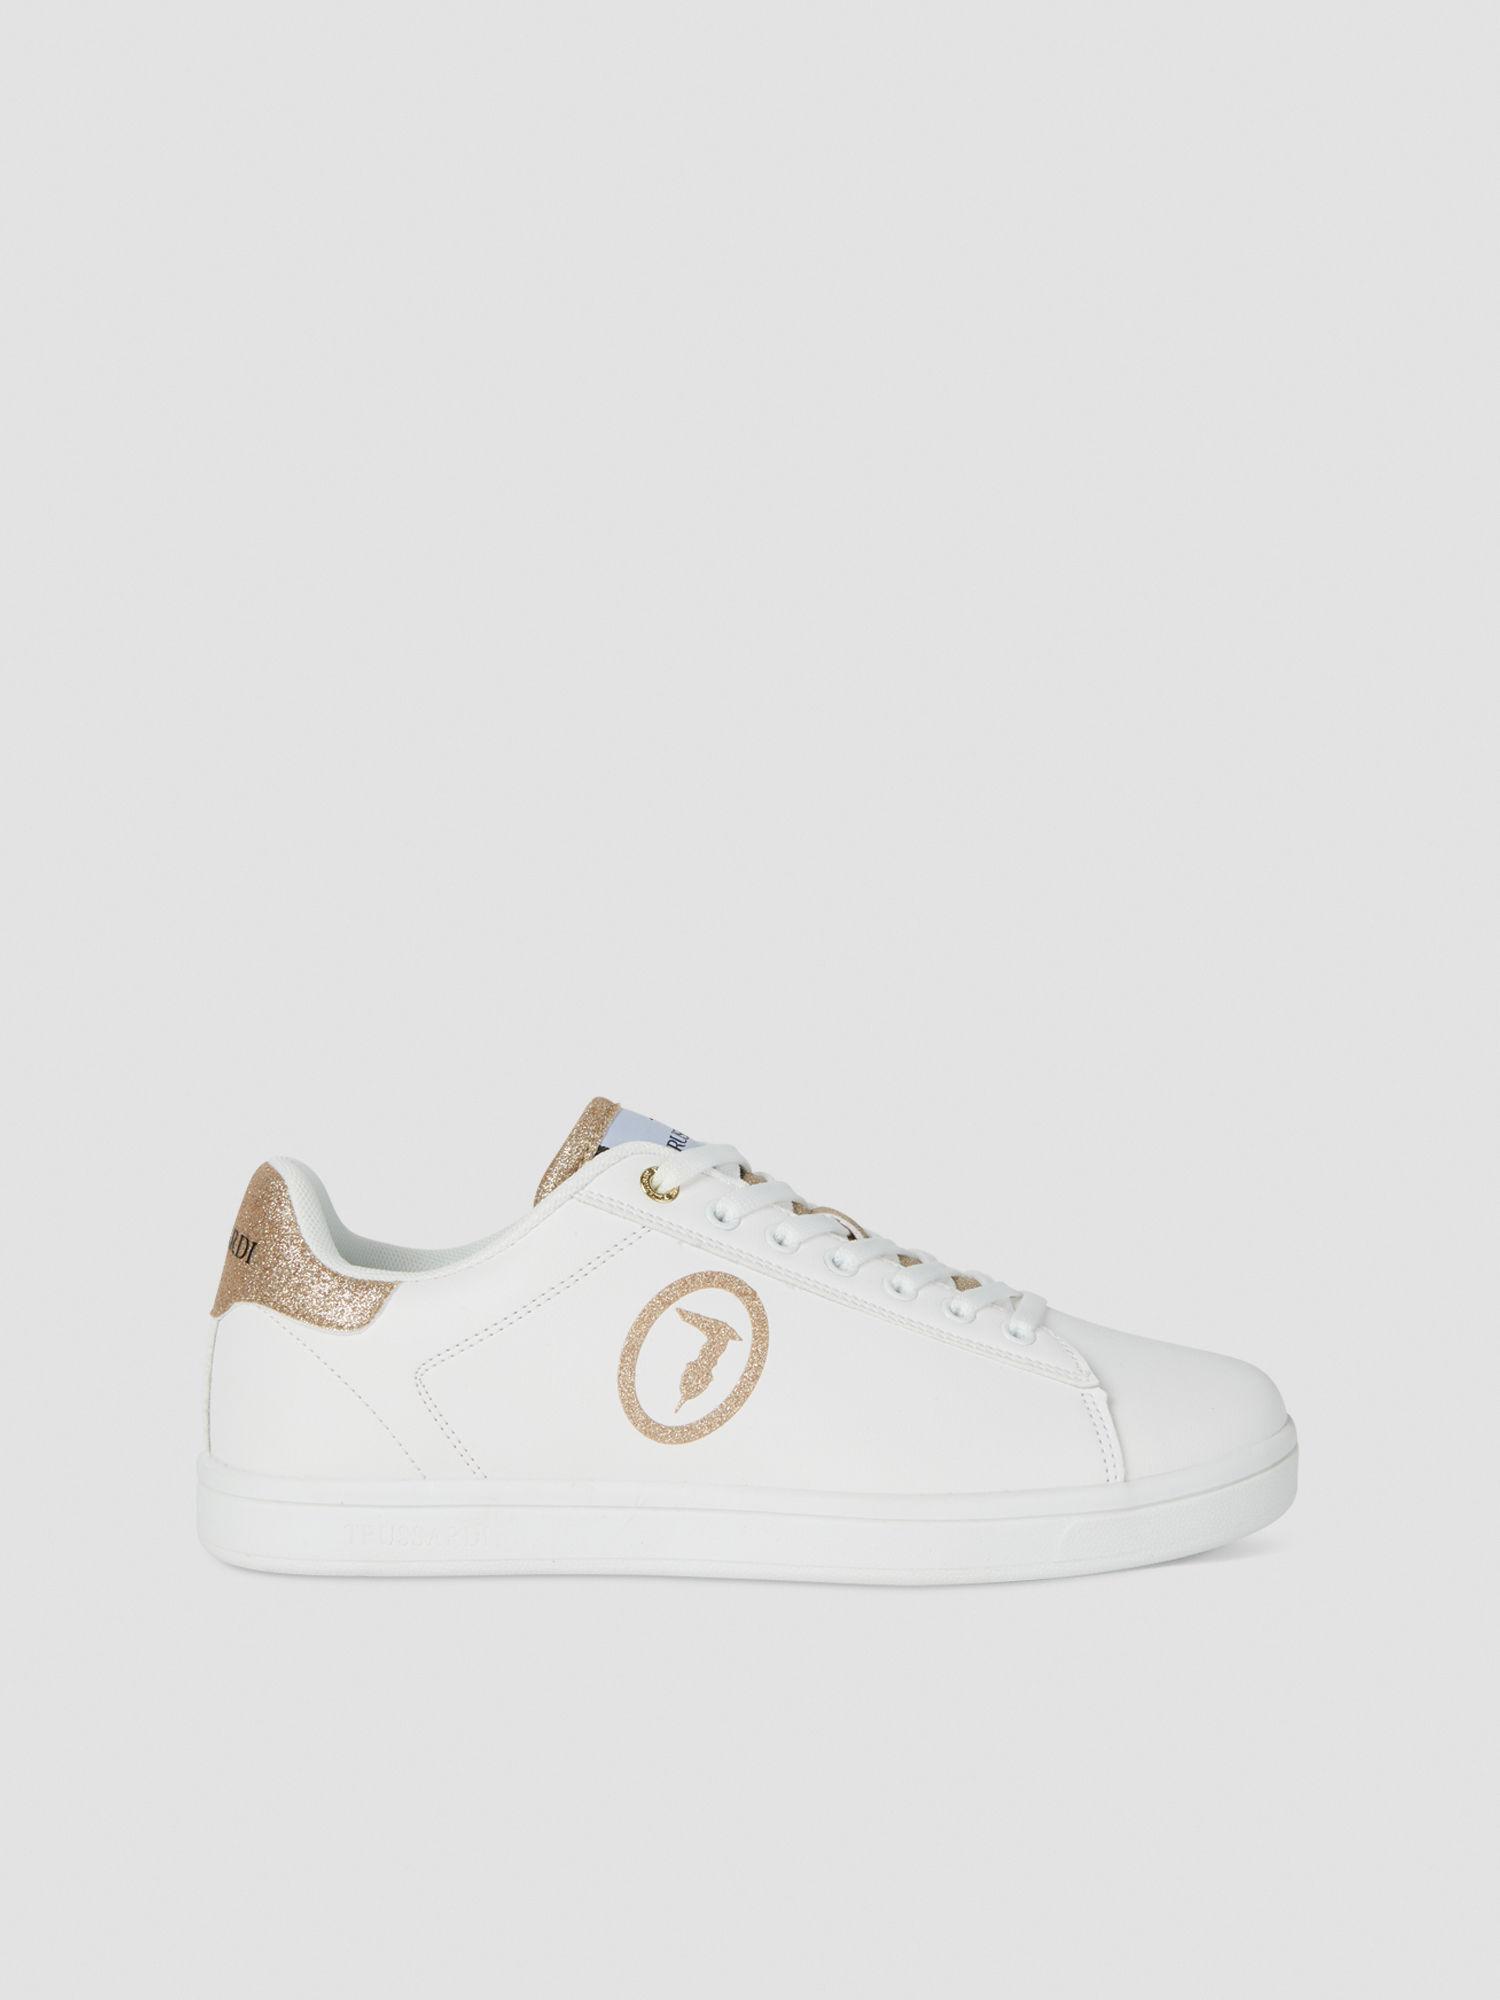 Women's sneakers | Trussardi ®